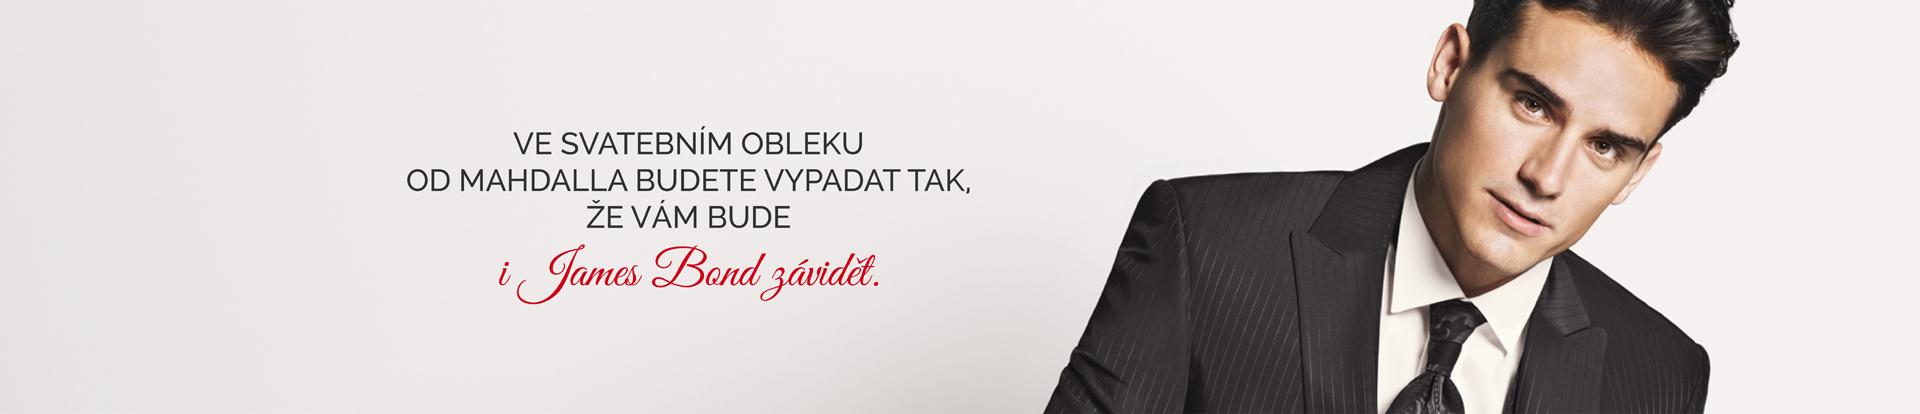 Pánská svatební móda - Mahdall   Lenská Brno 2388d7f619